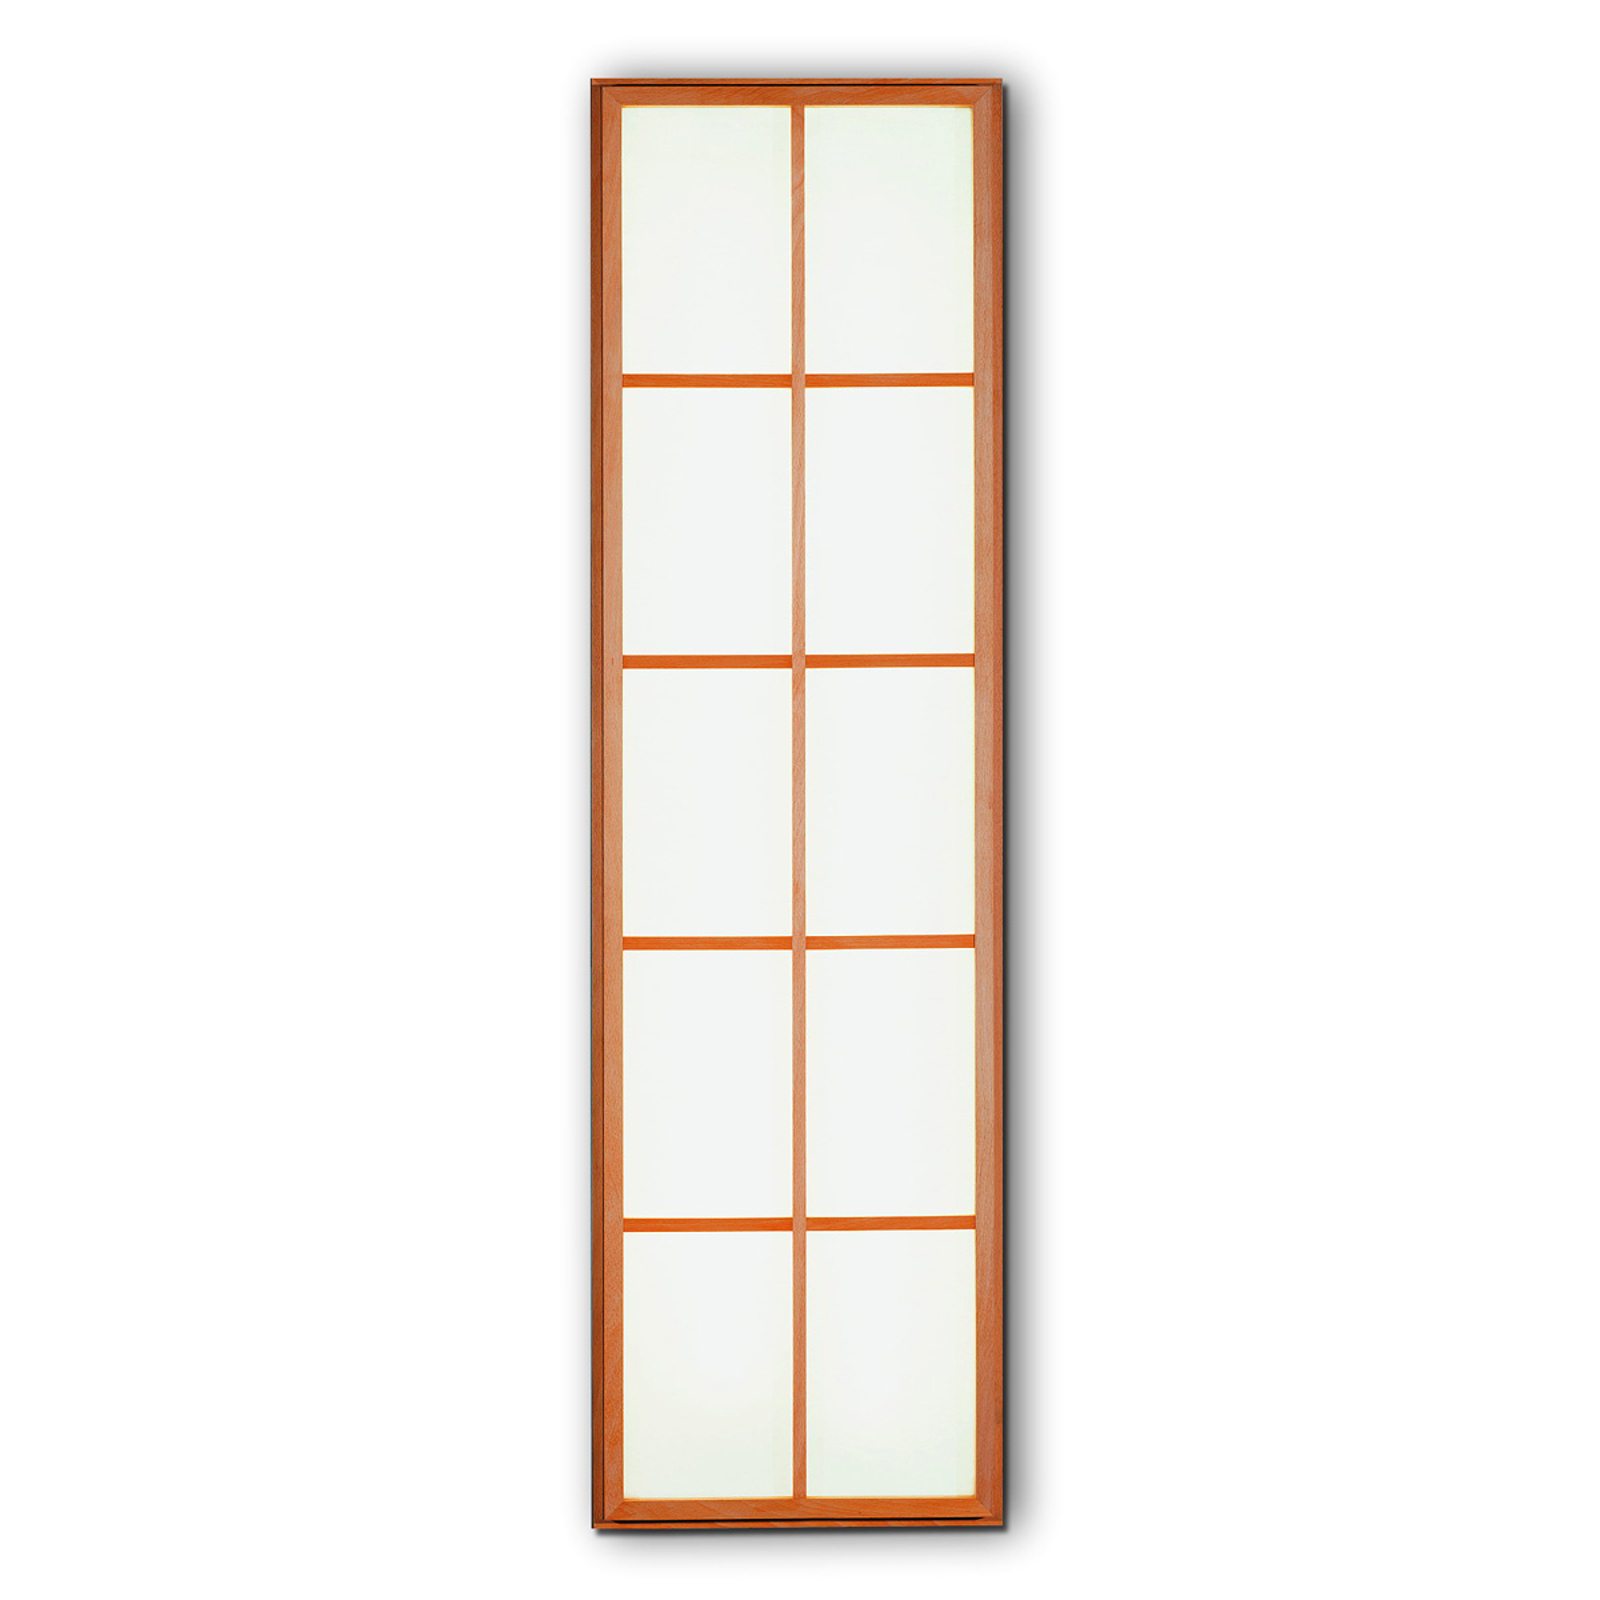 Stropné svietidlo Kioto 10 z bukového dreva